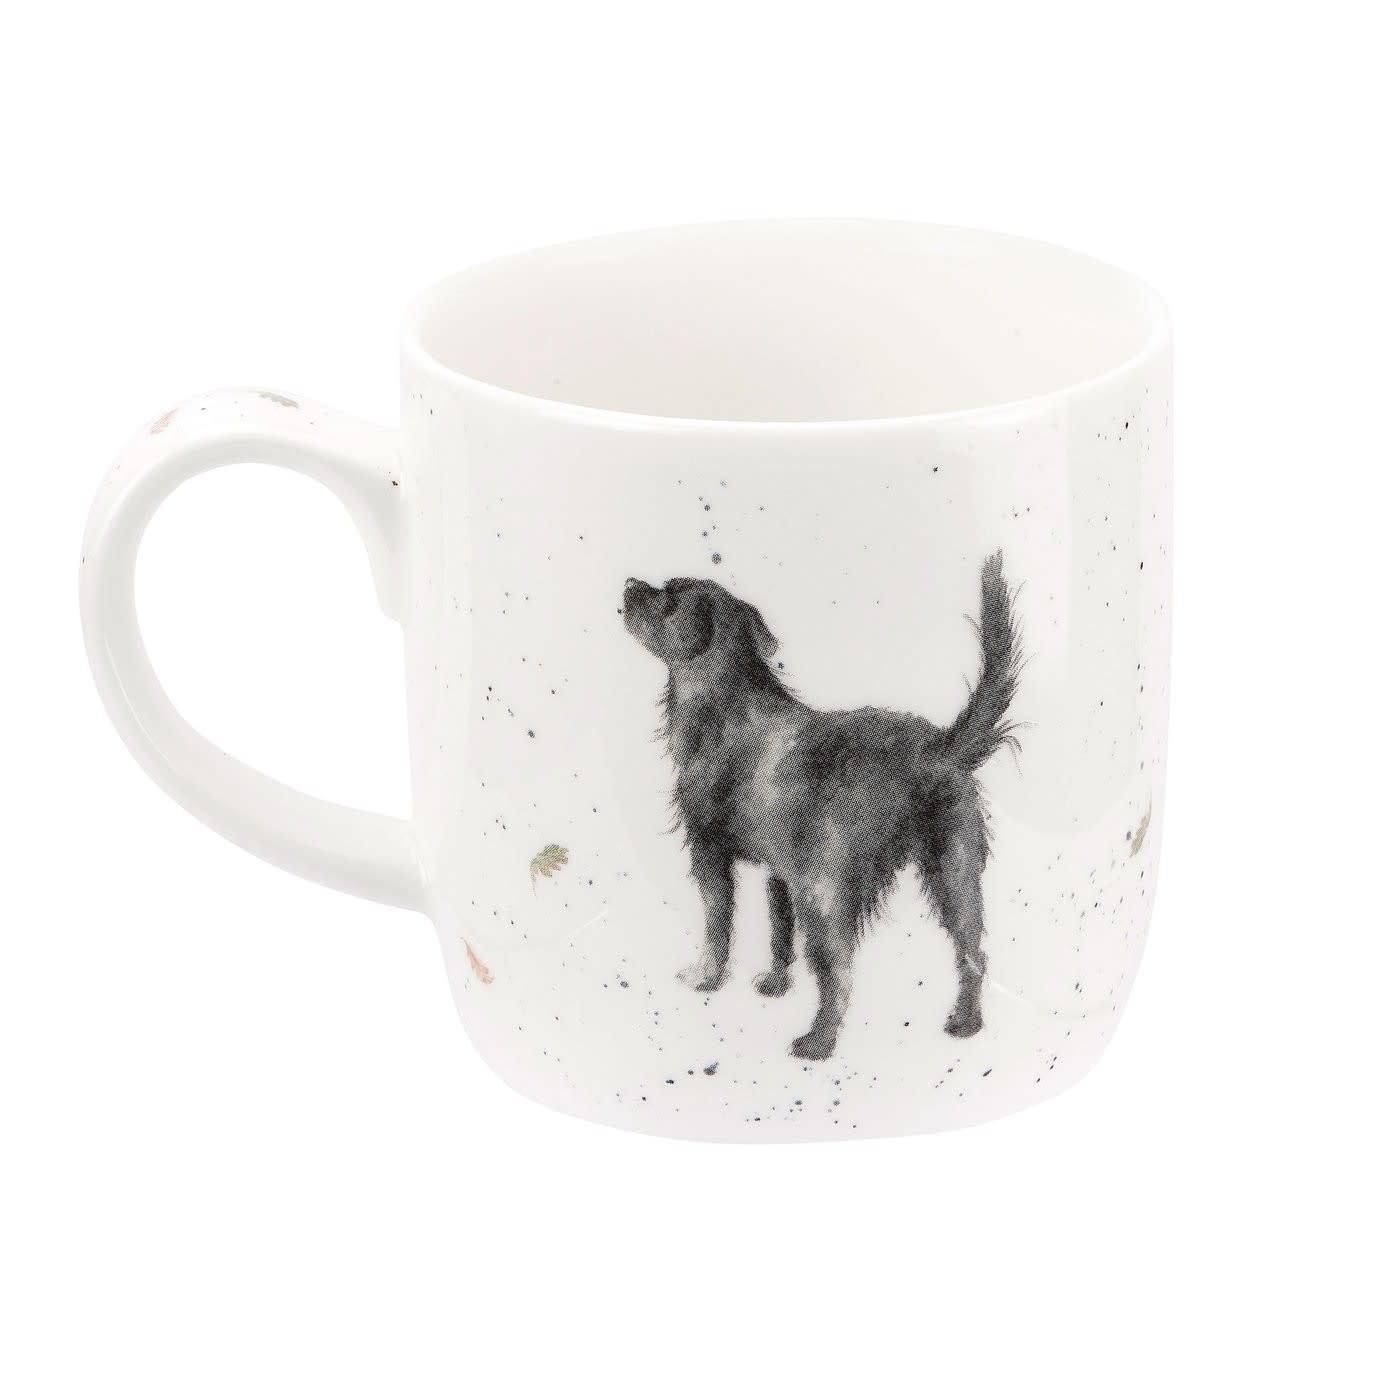 Wrendale Designs 'Walkies' Mug